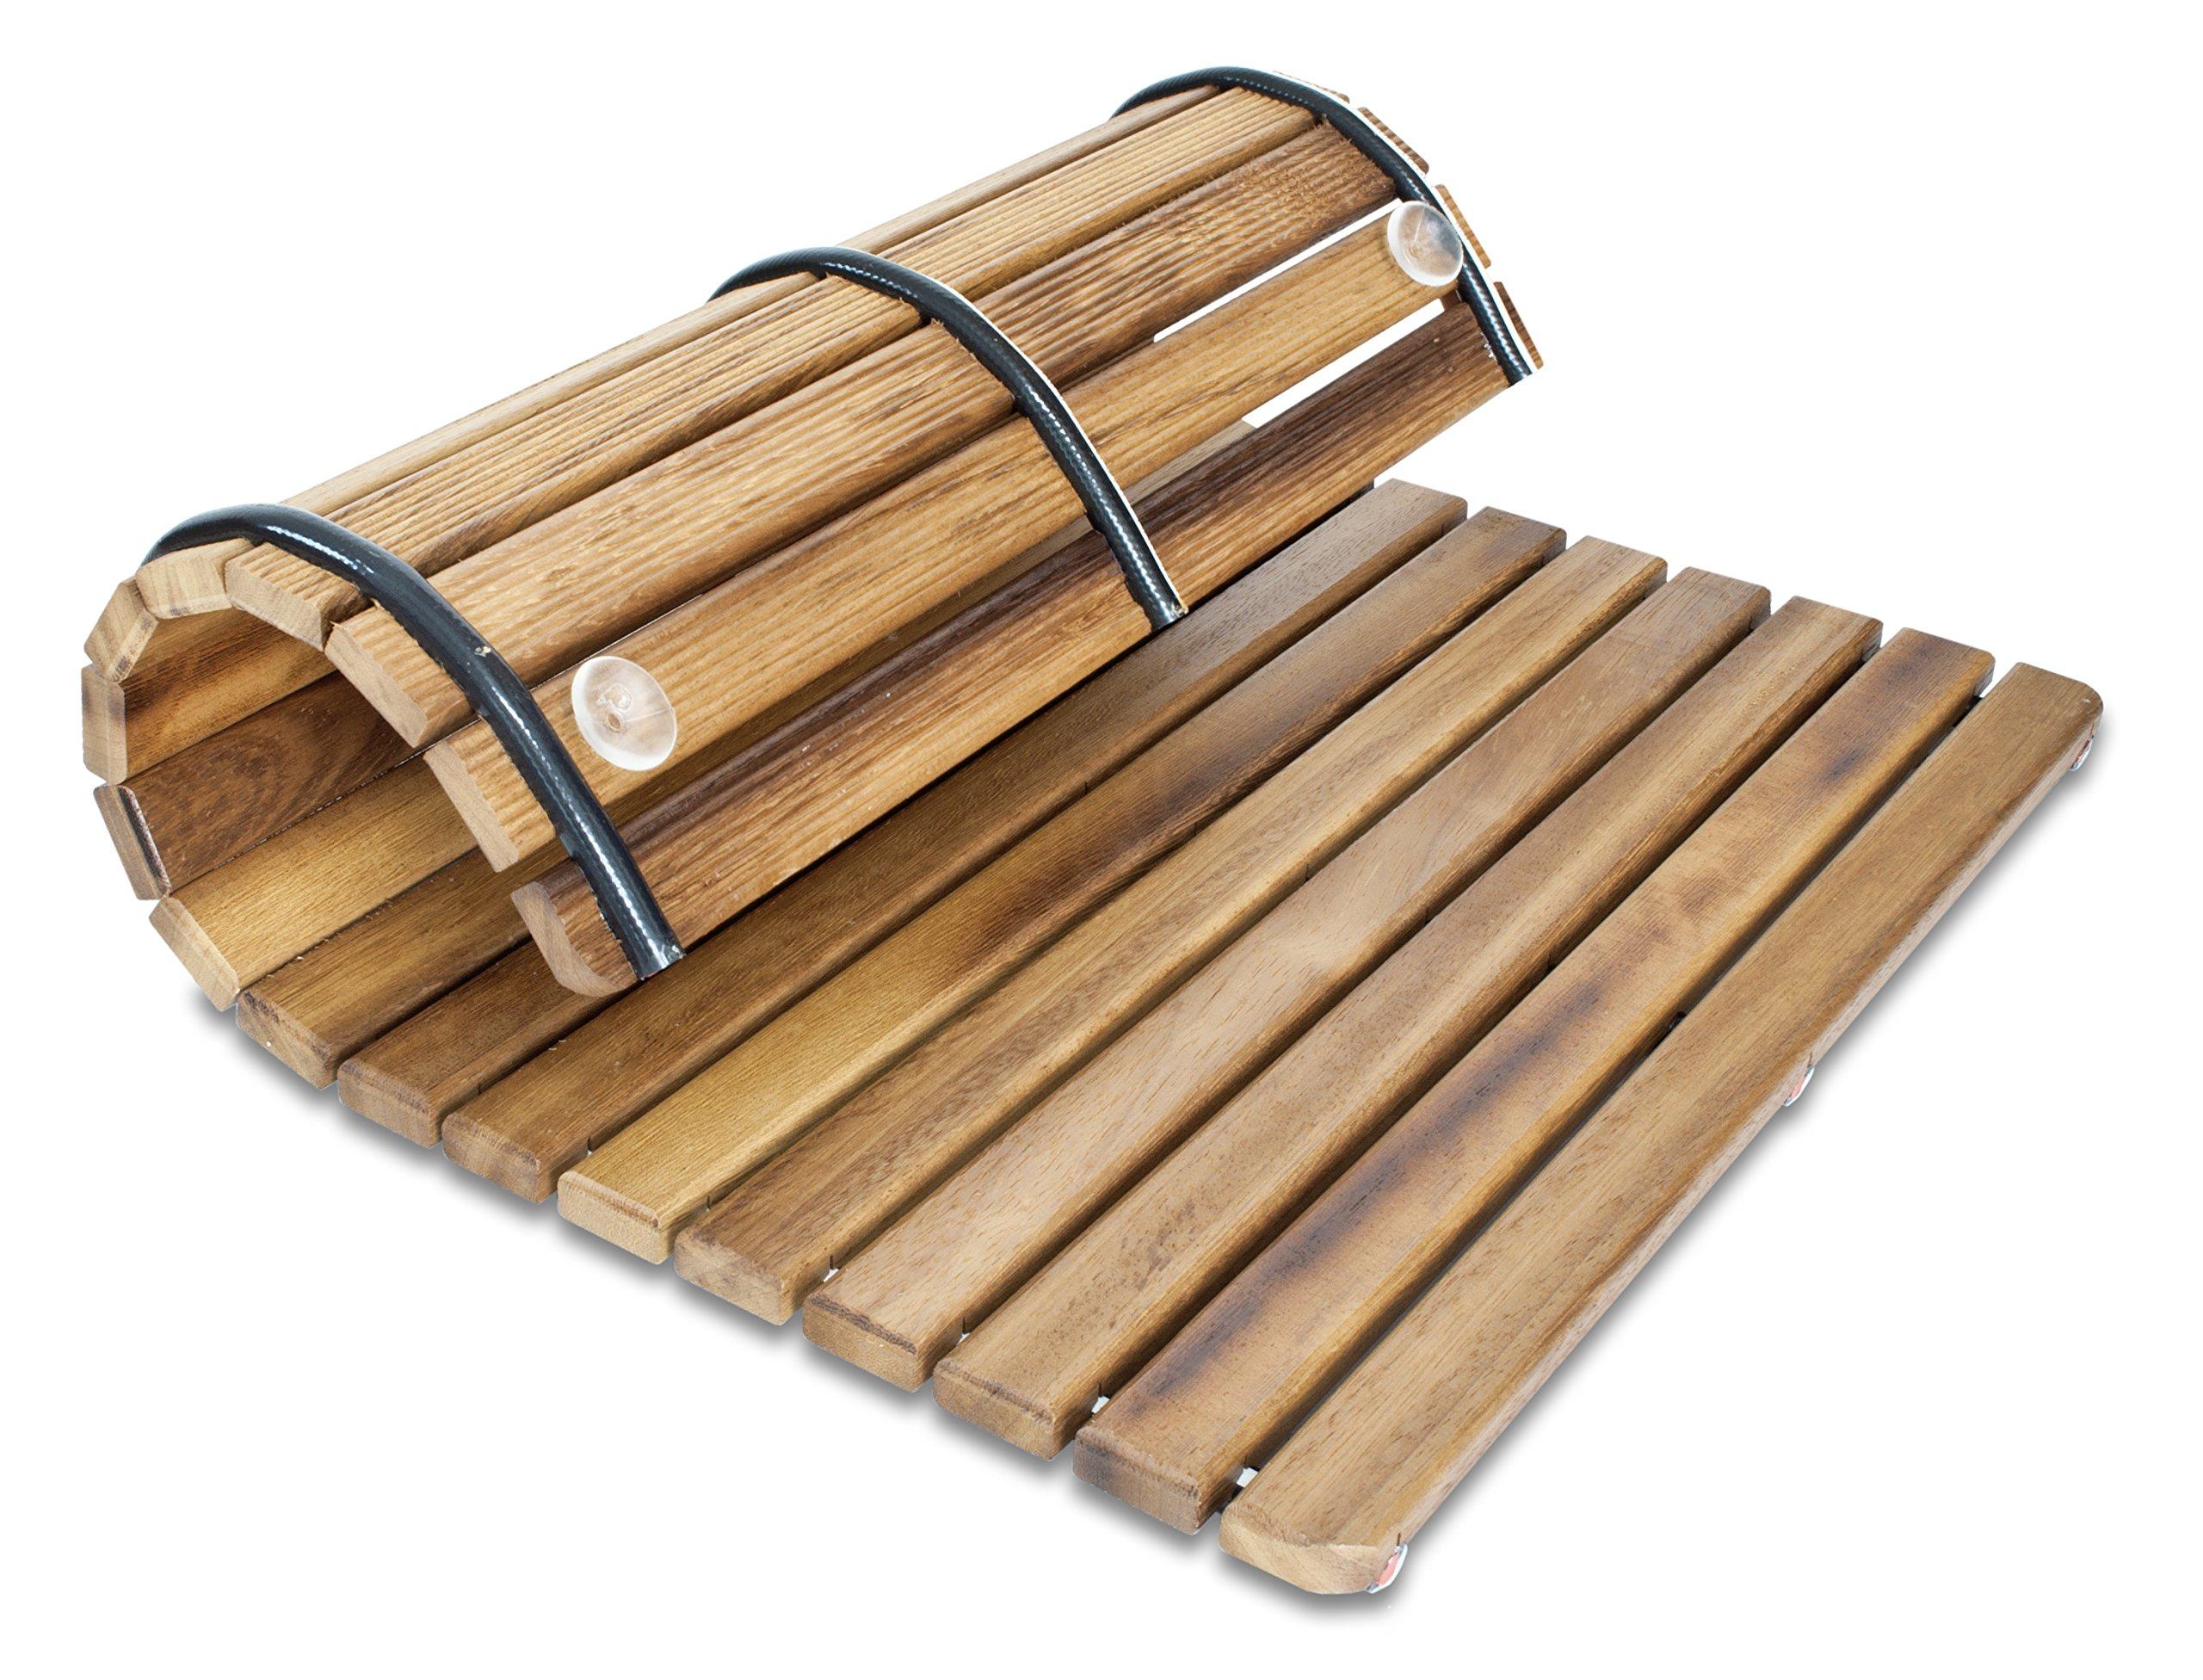 Tarima en madera de teca 60 x 60 cm Alfombrilla FLEXIBLE para ducha y ba/ño